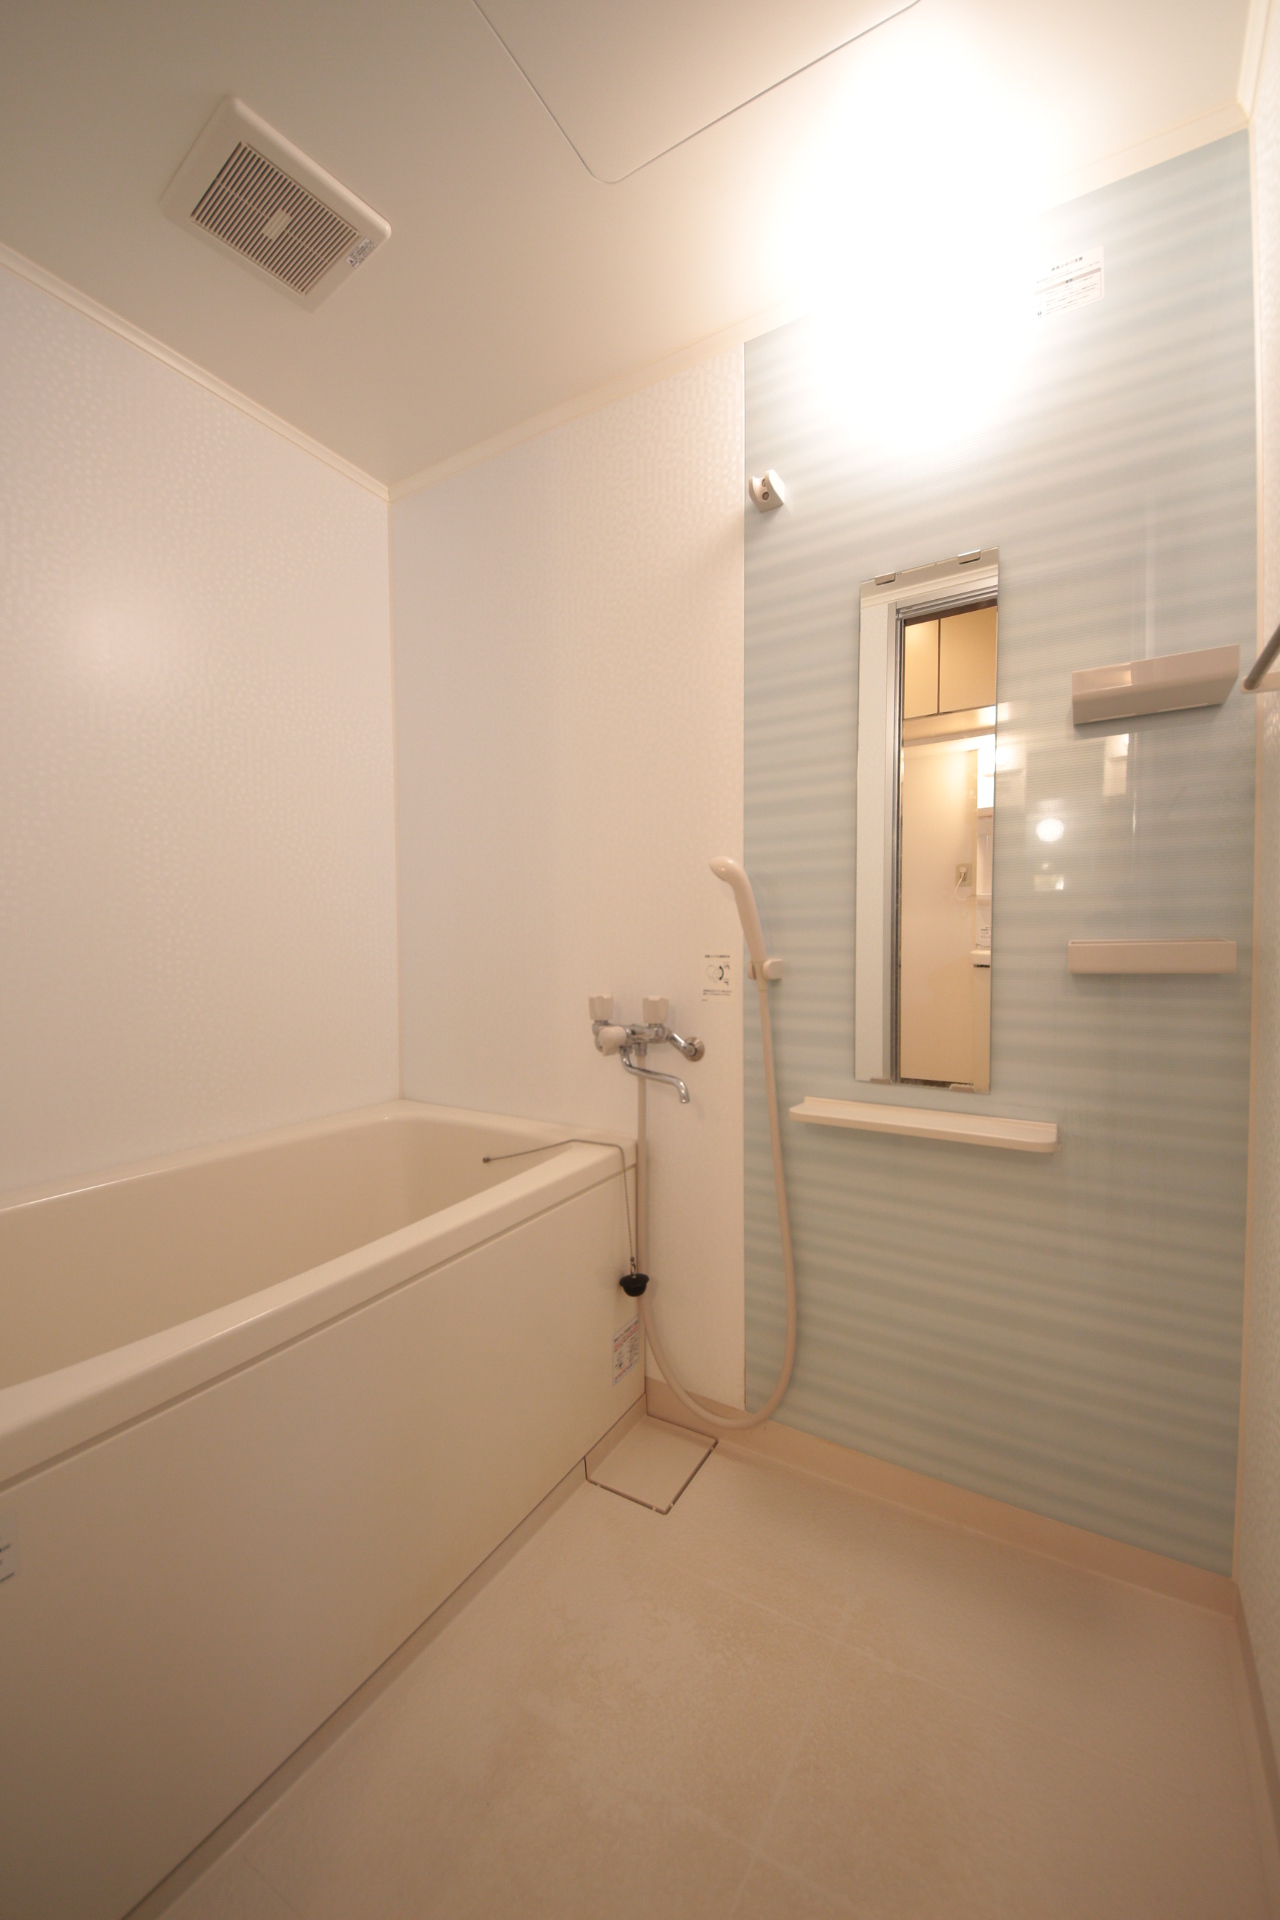 賃貸 グリーンハイム 浴室